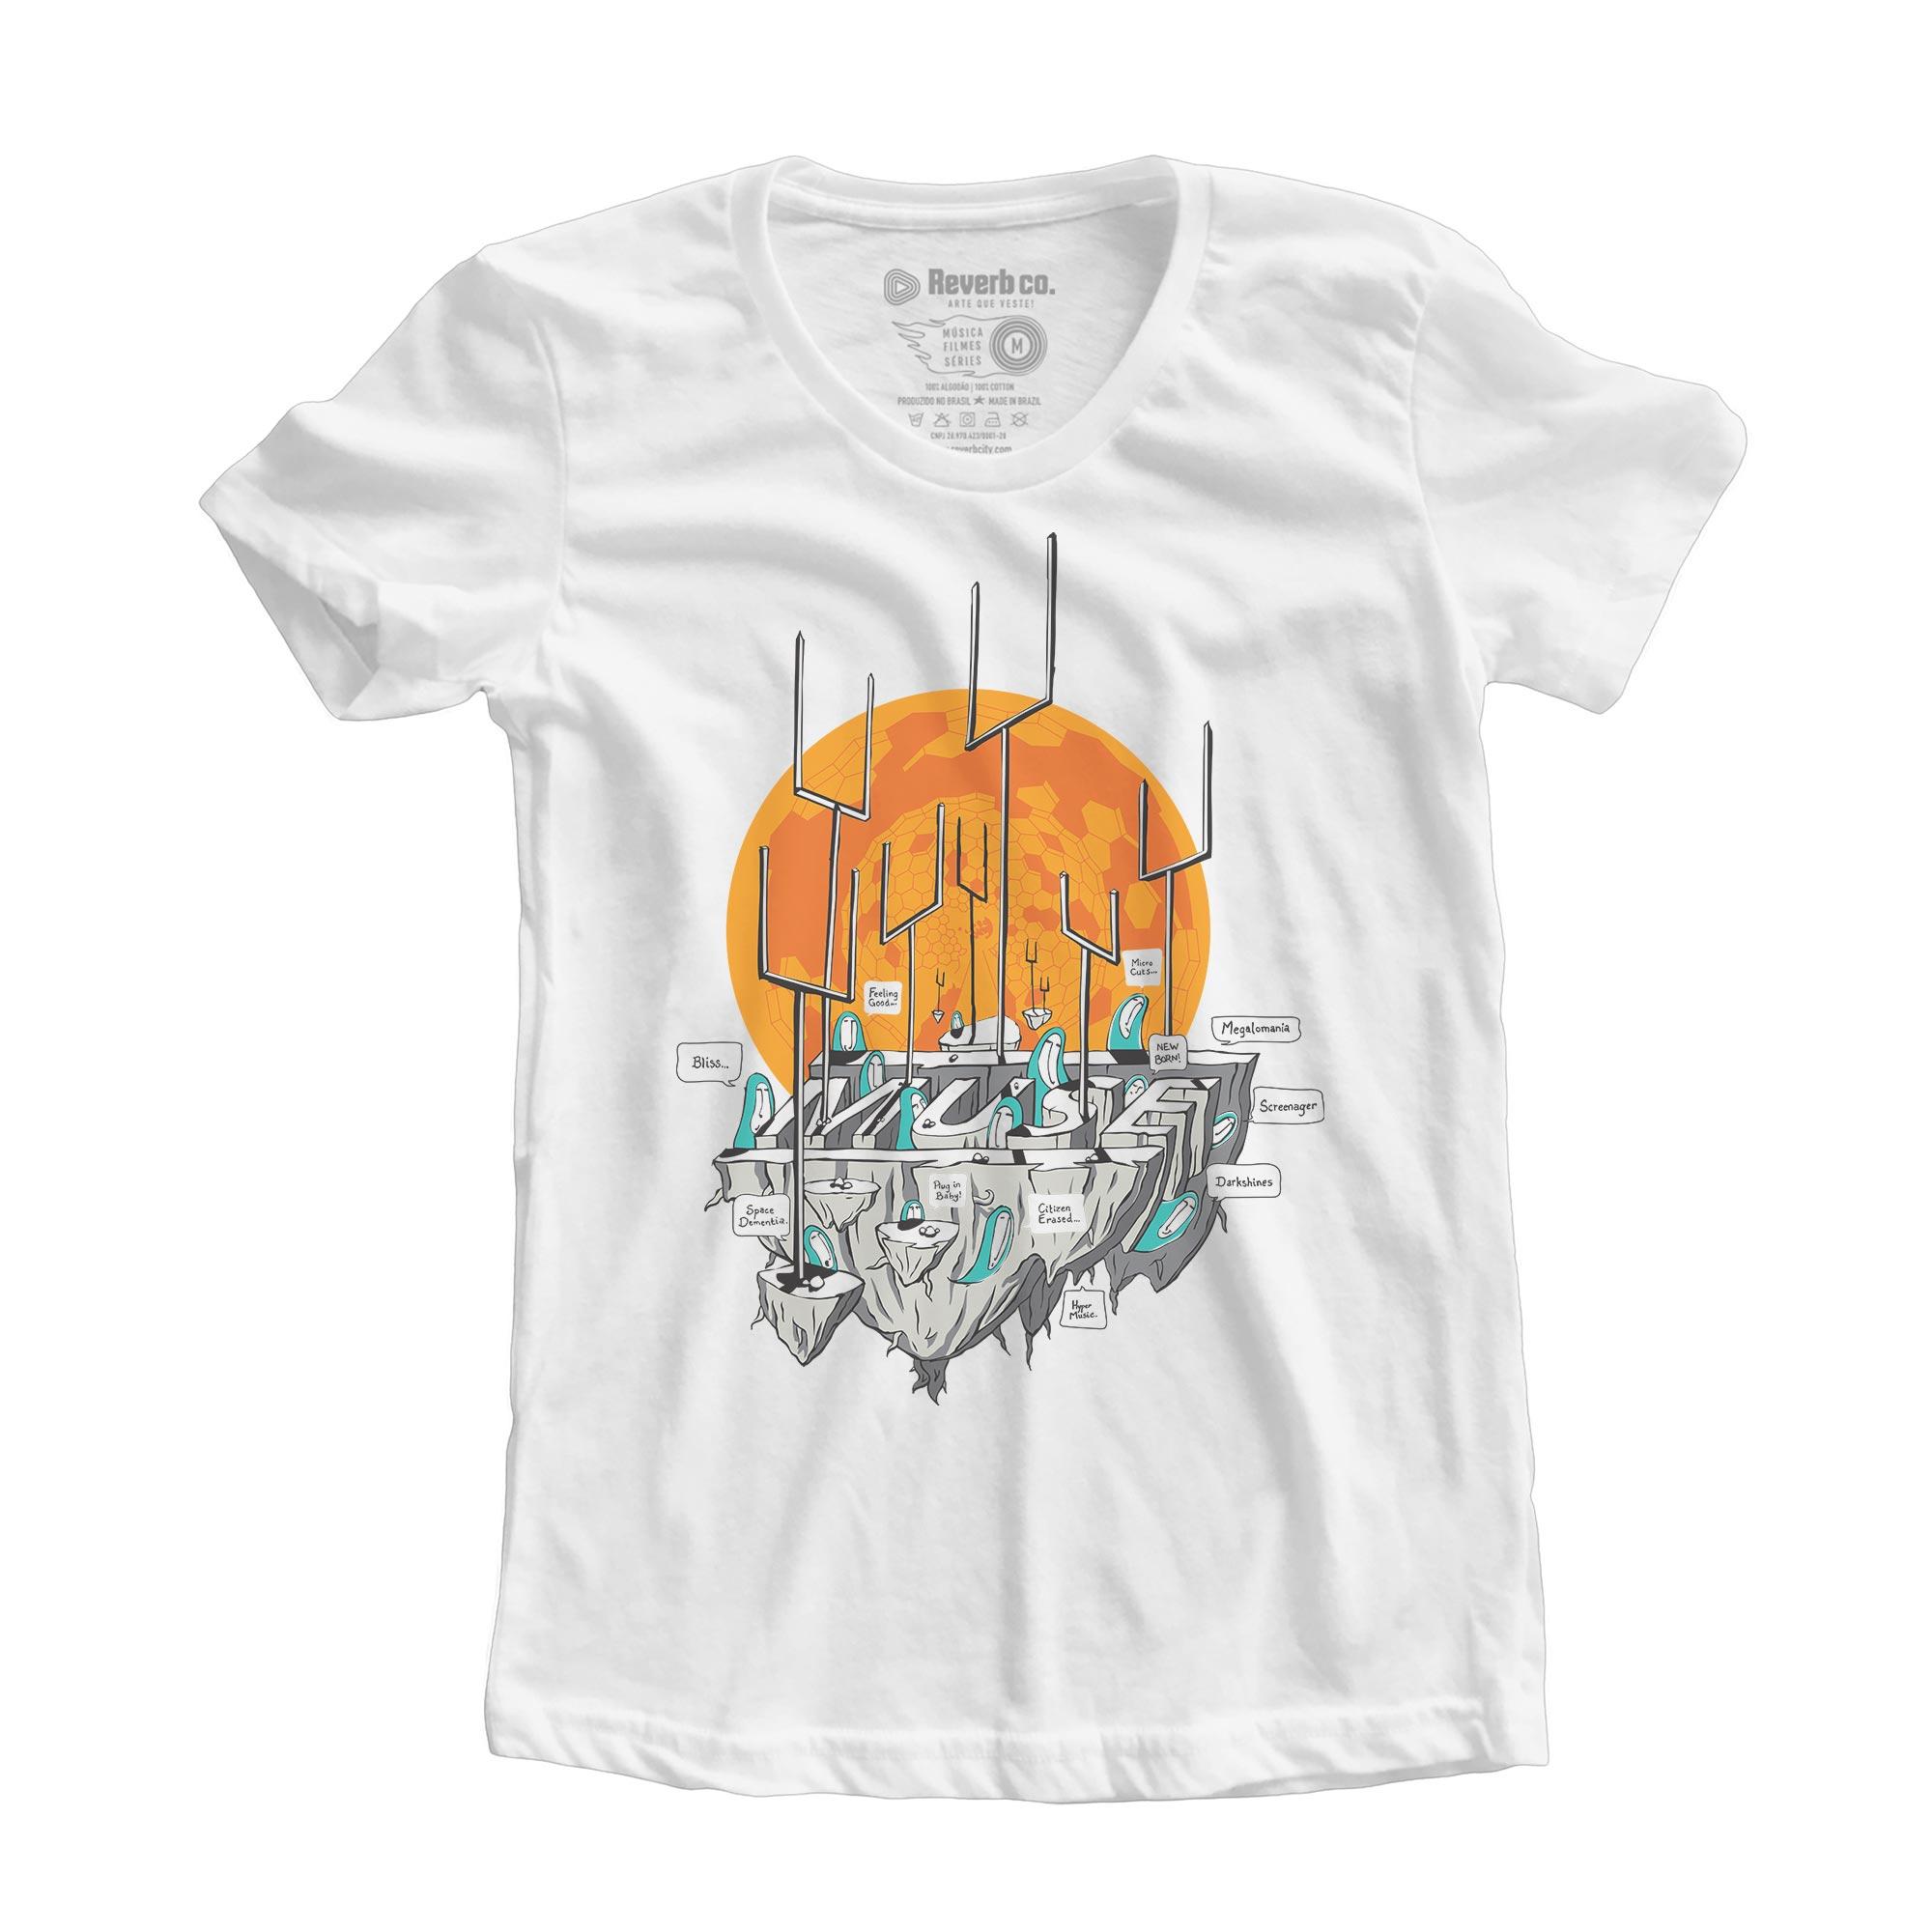 Camiseta Origin Of Symmetry - Muse - Feminino